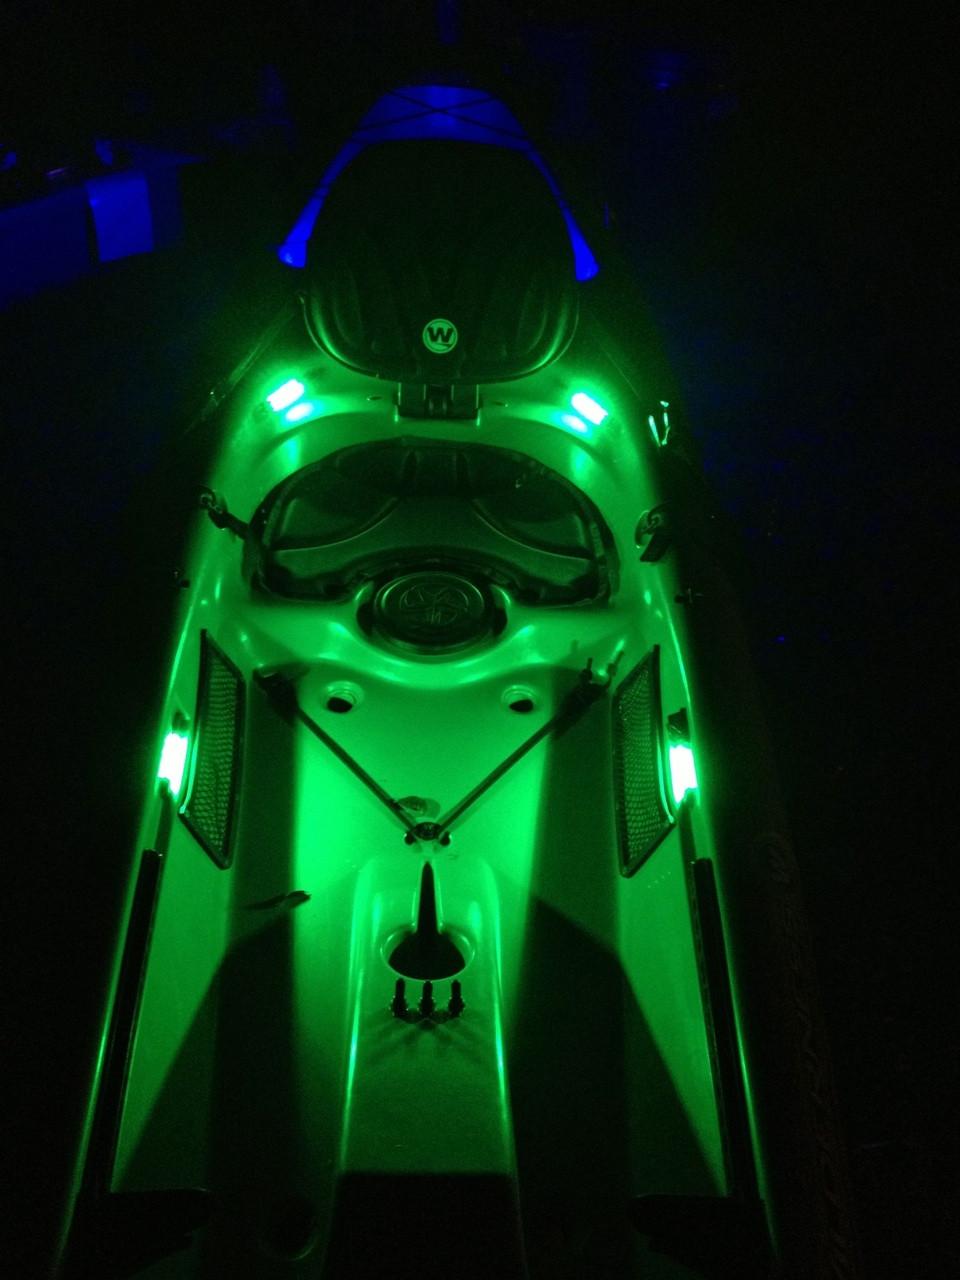 SuperNova Extreme Kayak Kit in use